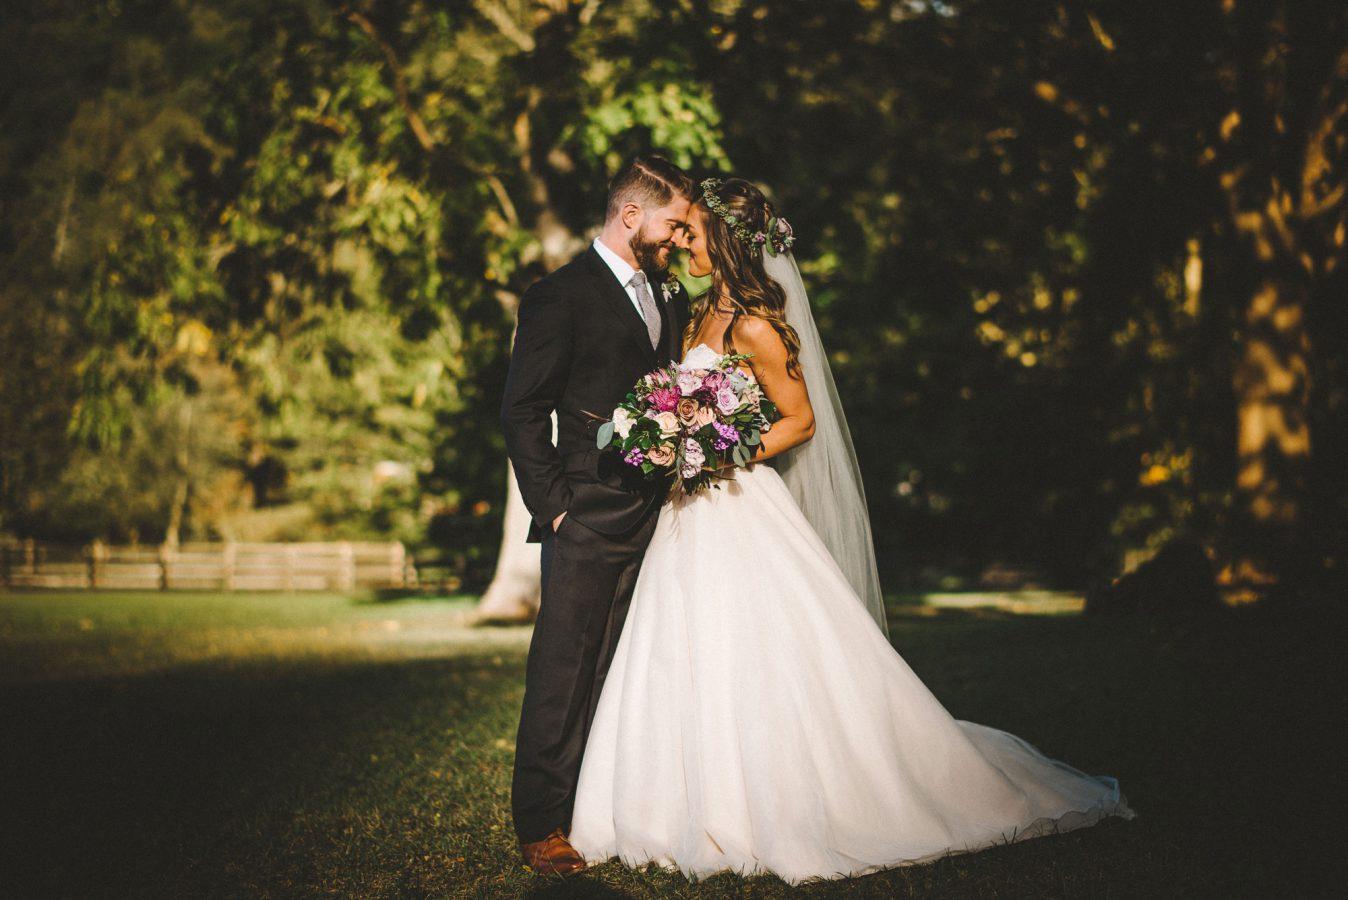 wedding-photography-2016-22